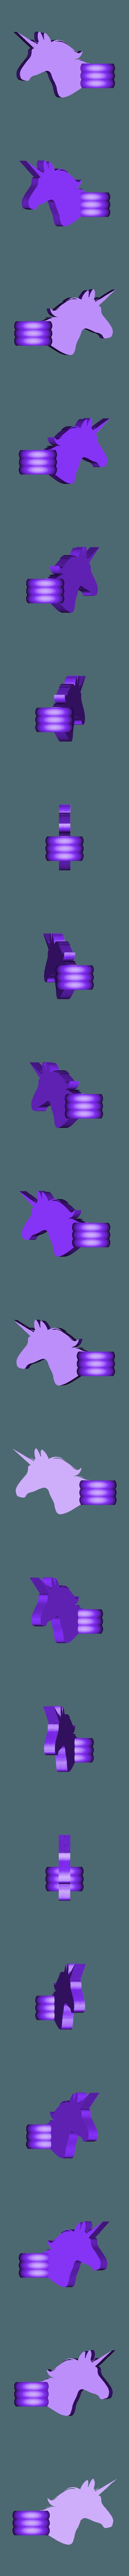 Support_Licorne.STL Download STL file Support de canne Licorne - Unicorn rod holder • 3D print design, ZebOctets